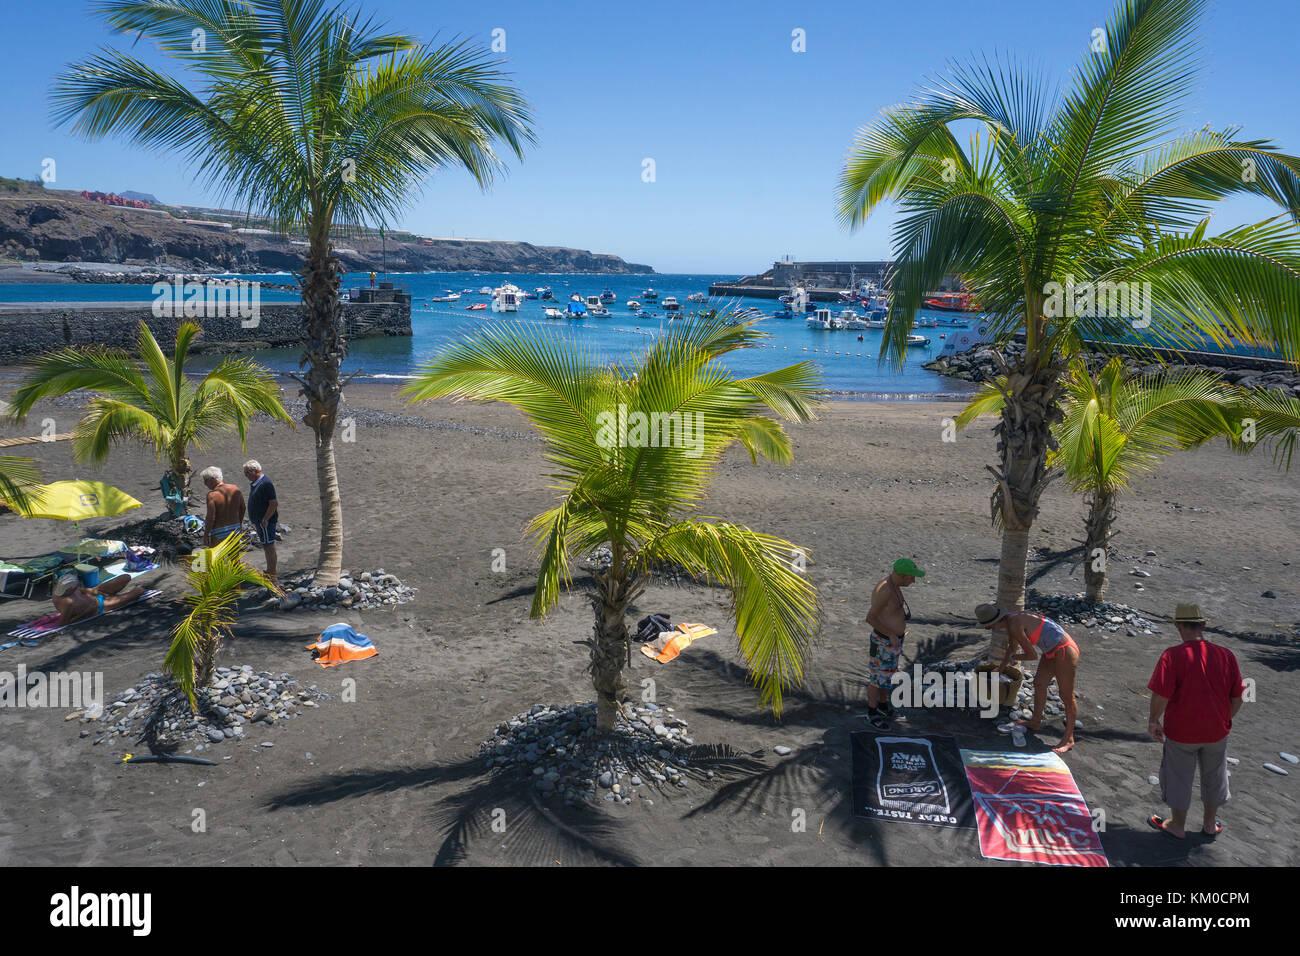 Playa San Juan, Strand an der Westküste der Insel, Teneriffa, Kanarische Inseln, Spanien Stockfoto